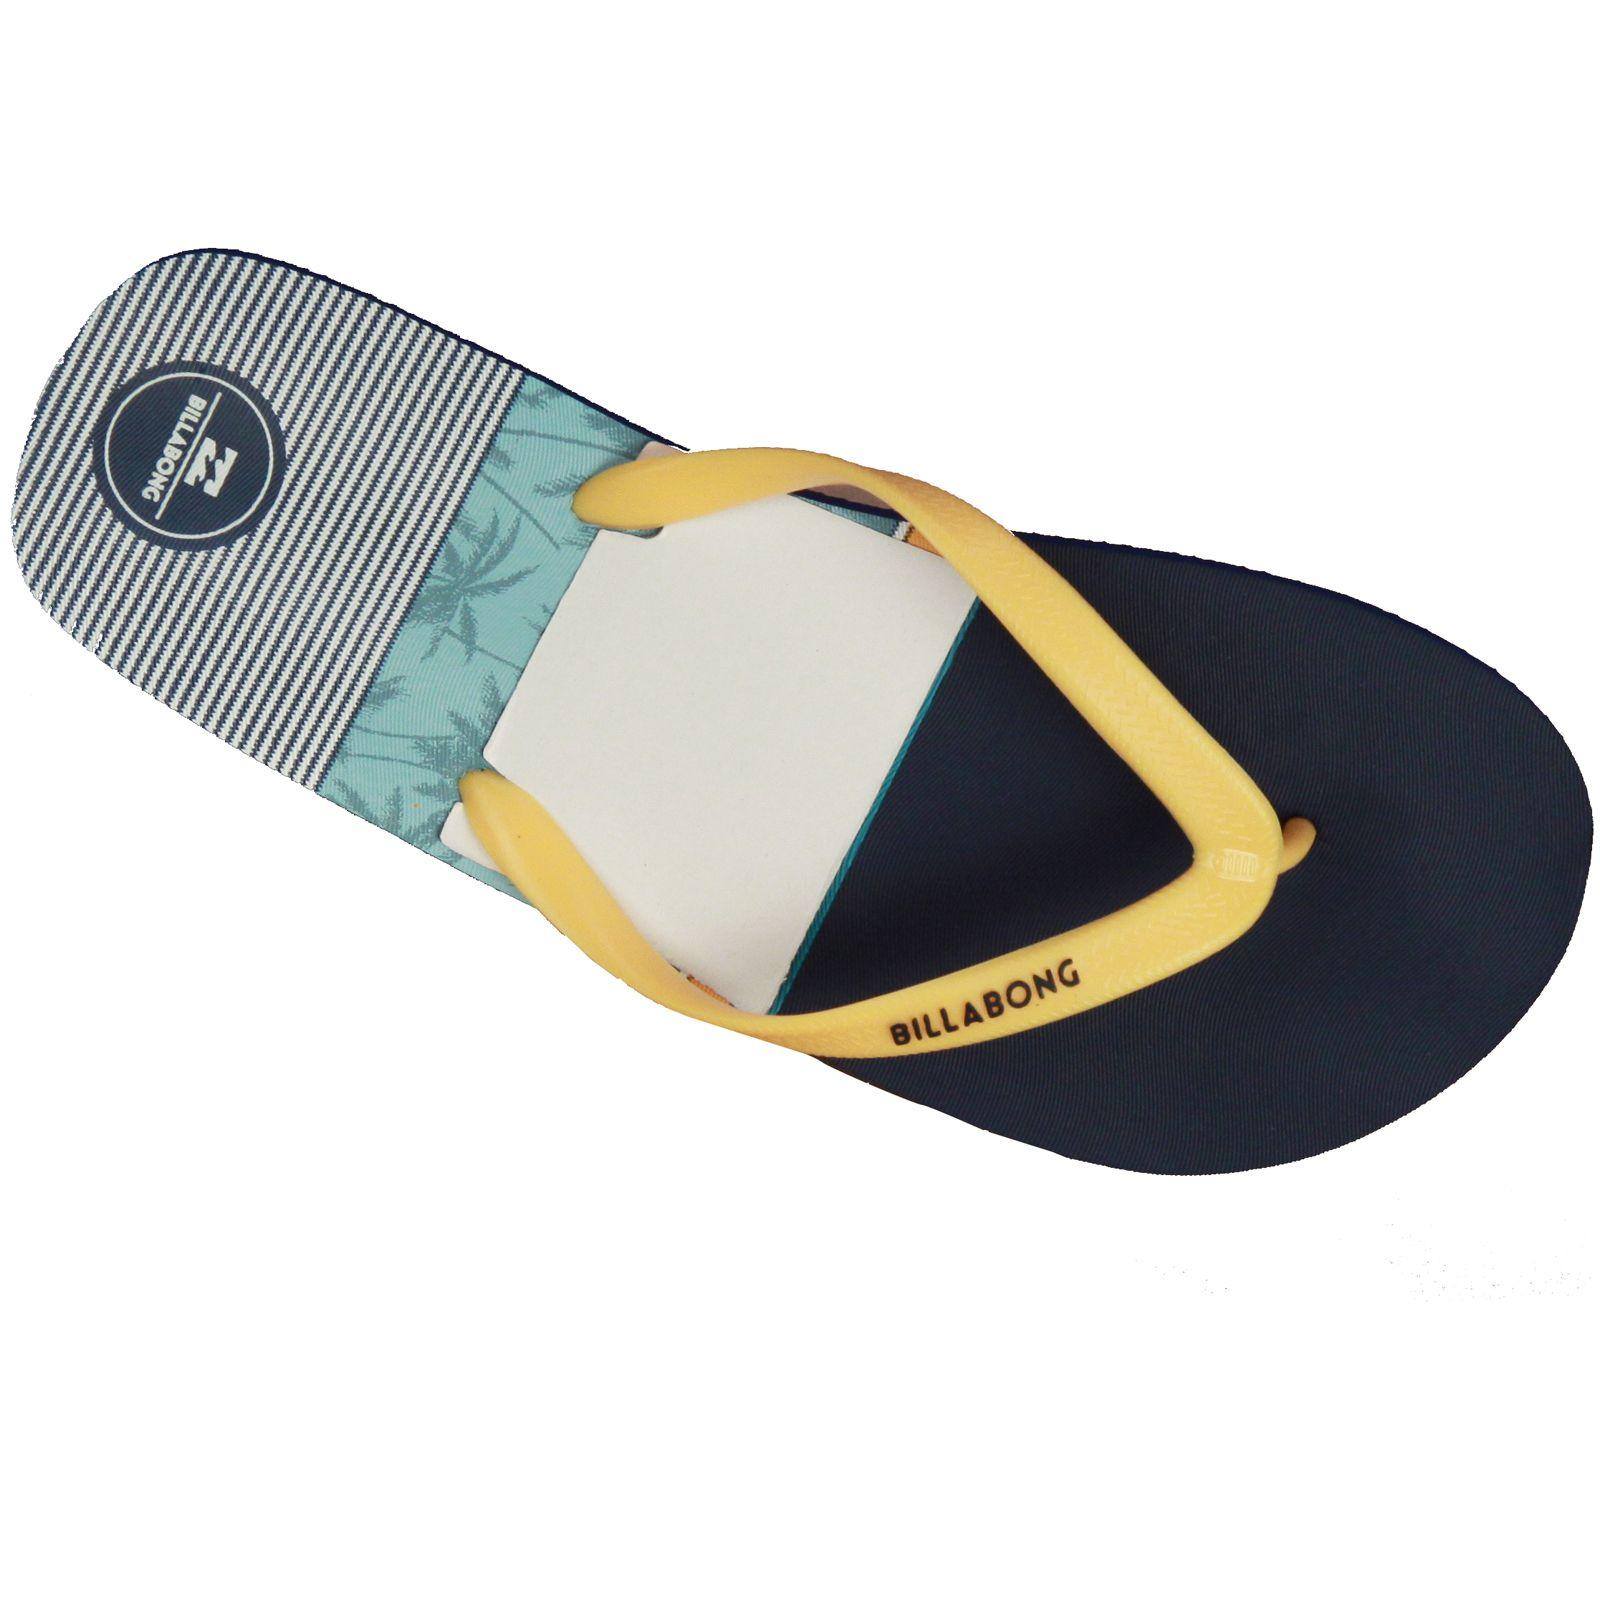 Billabong Sandal ~ Tapa dEvzbx